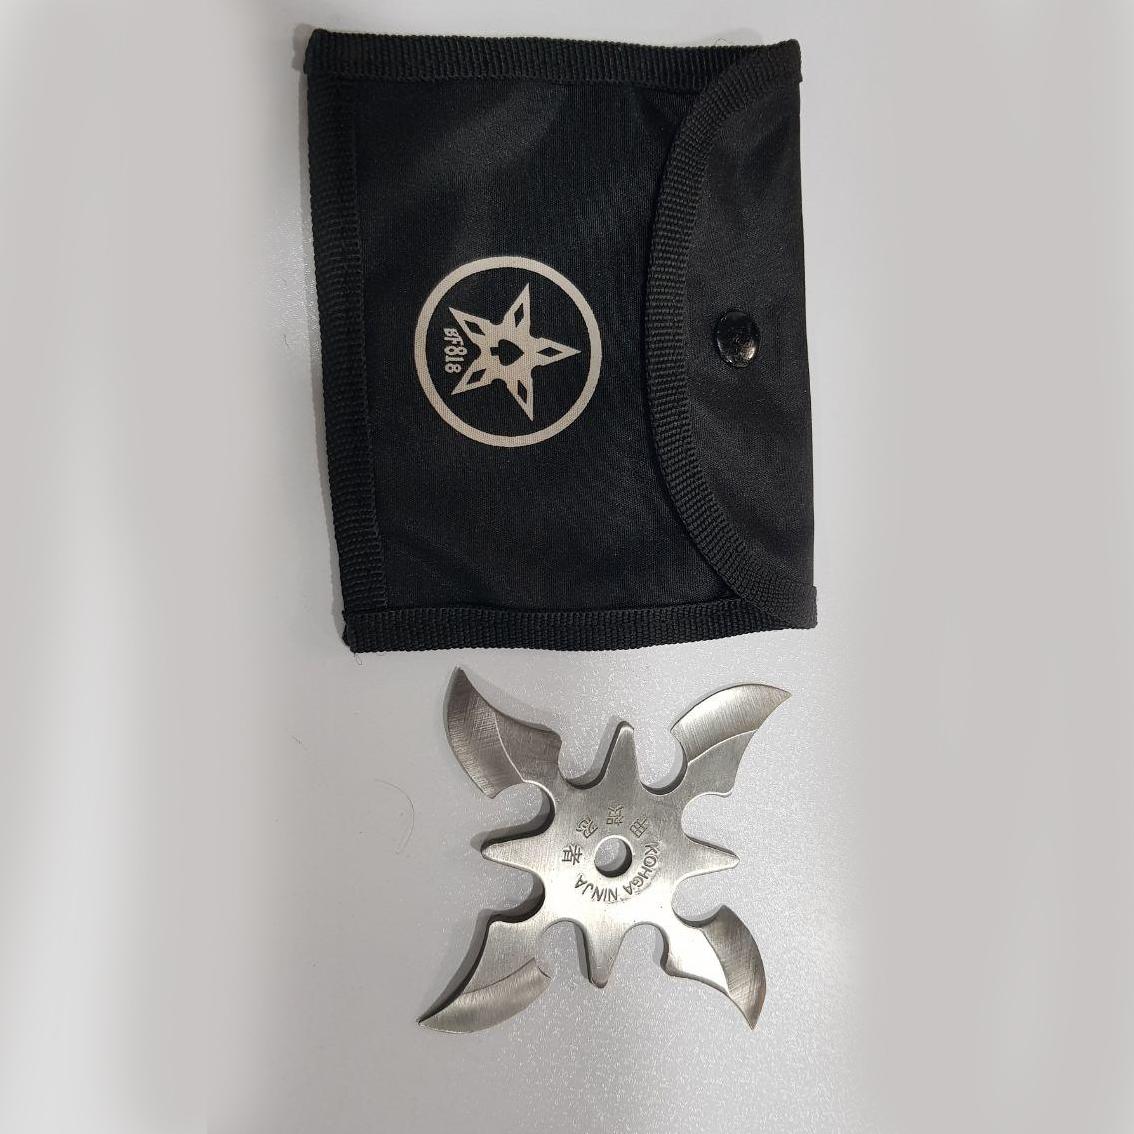 ستاره 5 تیغه هلـالی